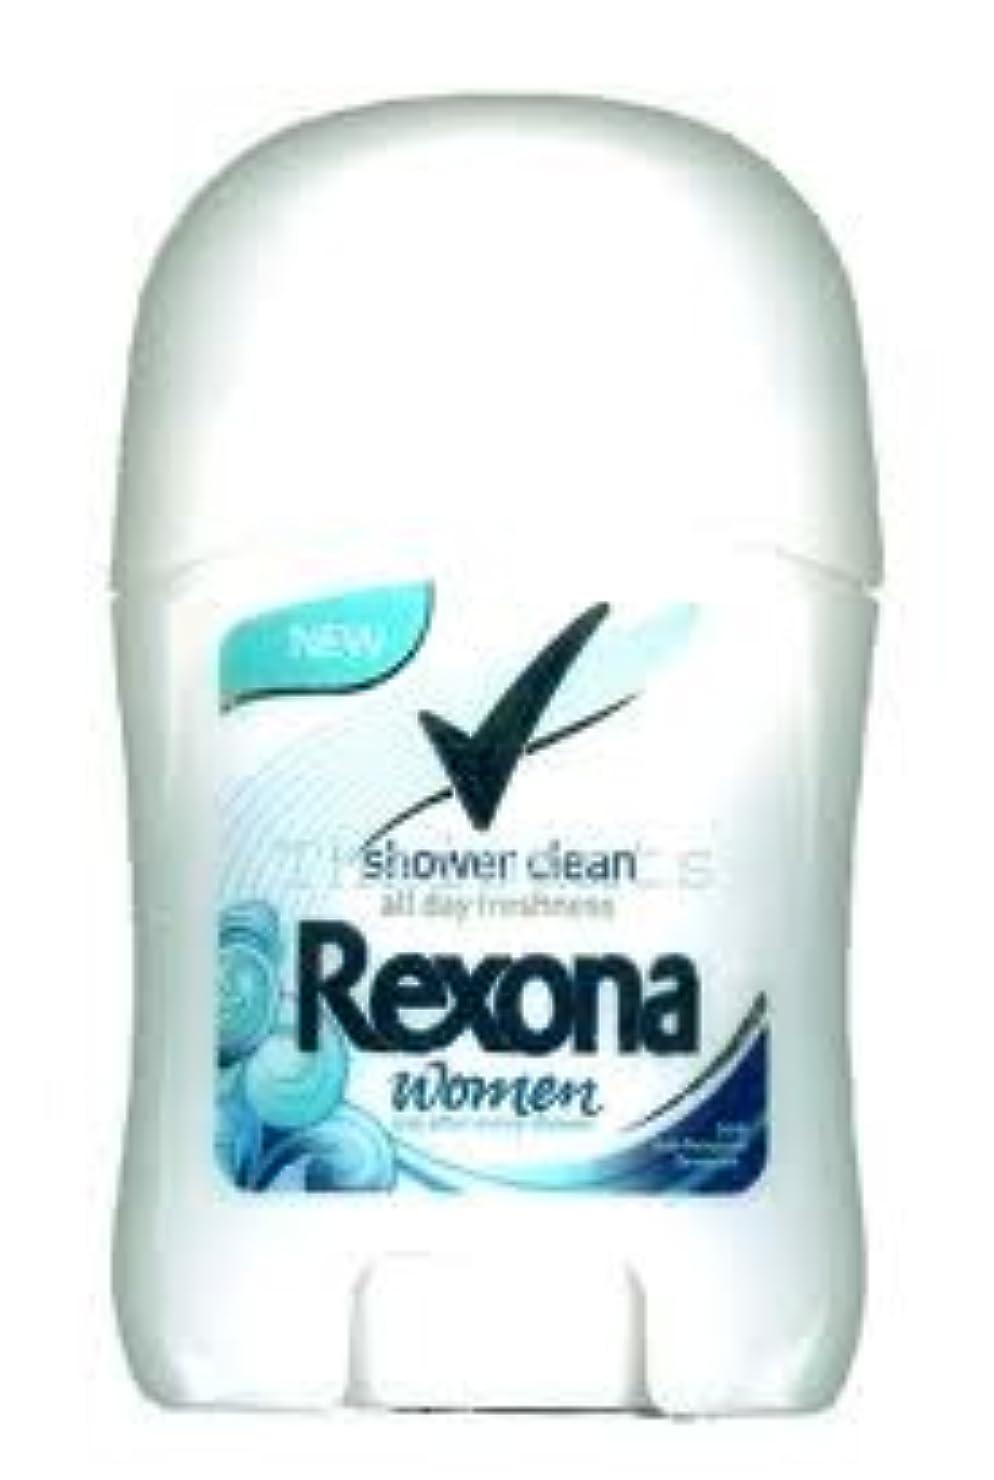 小学生クラッシュ突き刺すRexona レクソーナ シャワークリーン レソナ shower clean